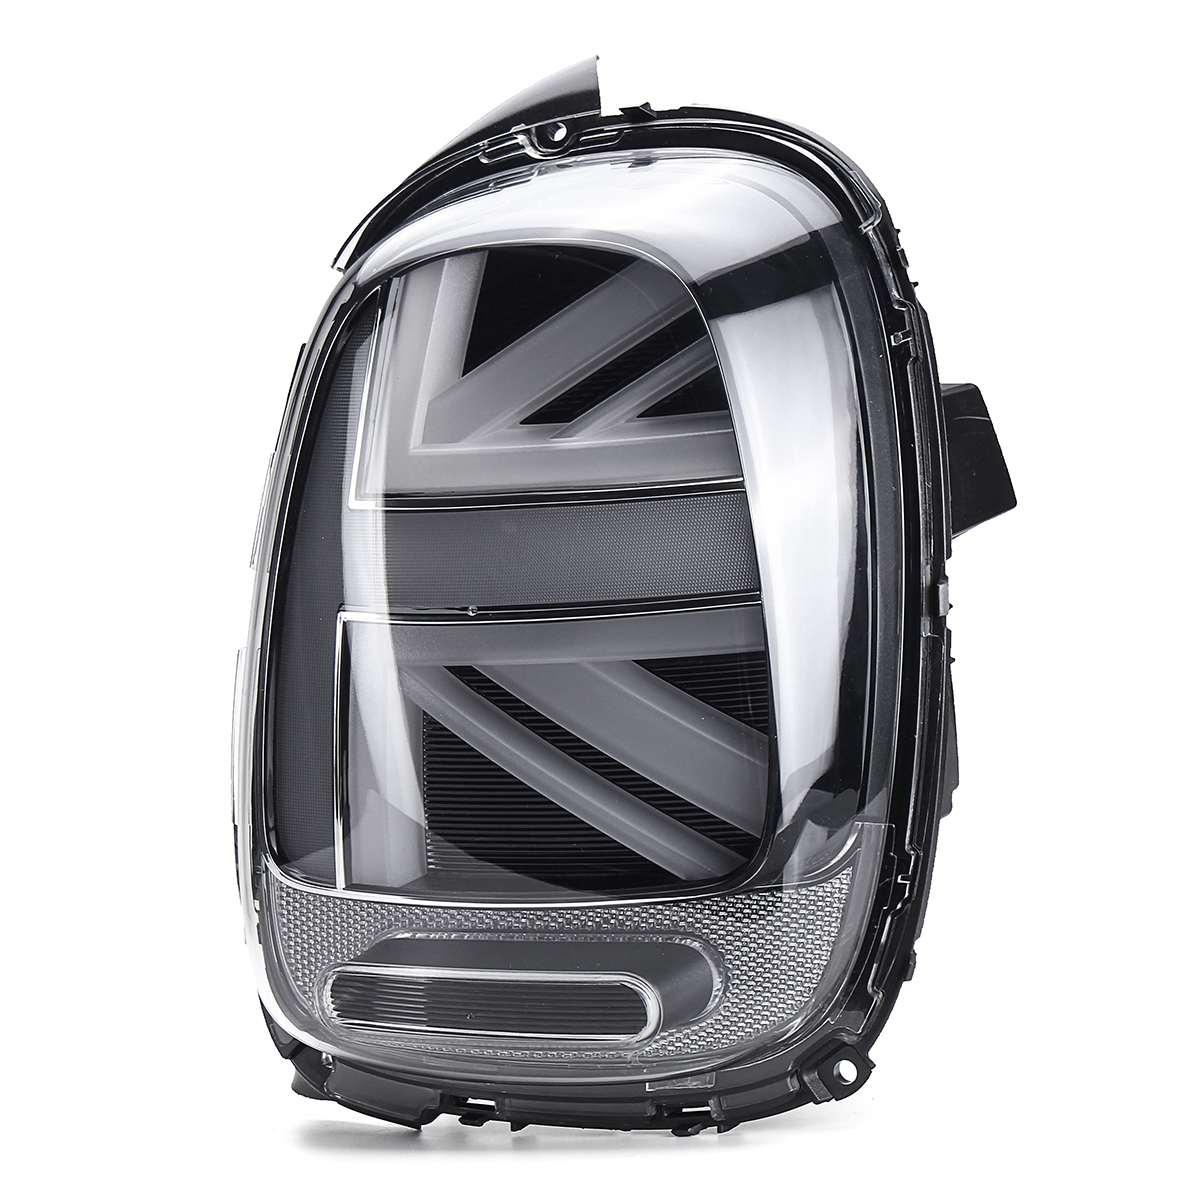 Image 3 - 2 sztuk światło tylne samochodu uniwersalny dla Mini Cooper F55 F56 F57 2014 2015 2016 2017 2018 + LED W/żarówką tylne światło cofania tylne światło przeciwmgłoweLampy sygnałowe   -